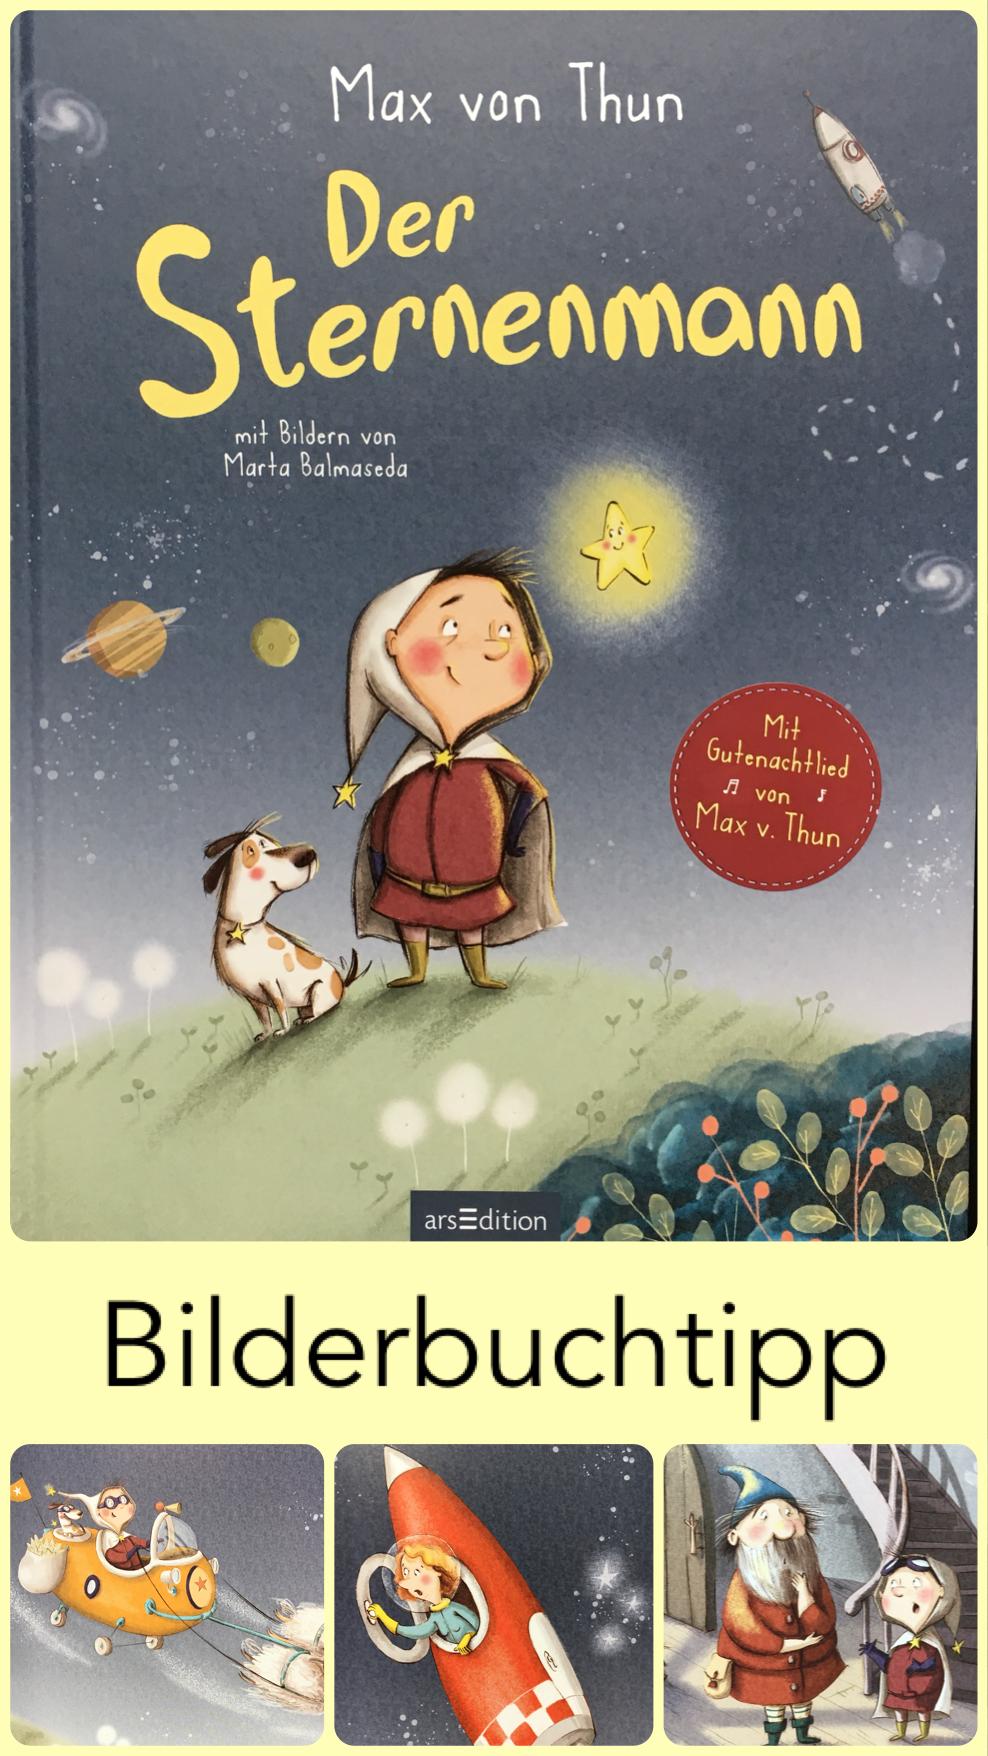 Bilderbuchwoche Tag 5 Der Sternenmann Von Max Von Thun Bilderbuch Bucher Fur Kinder Kinderbucher